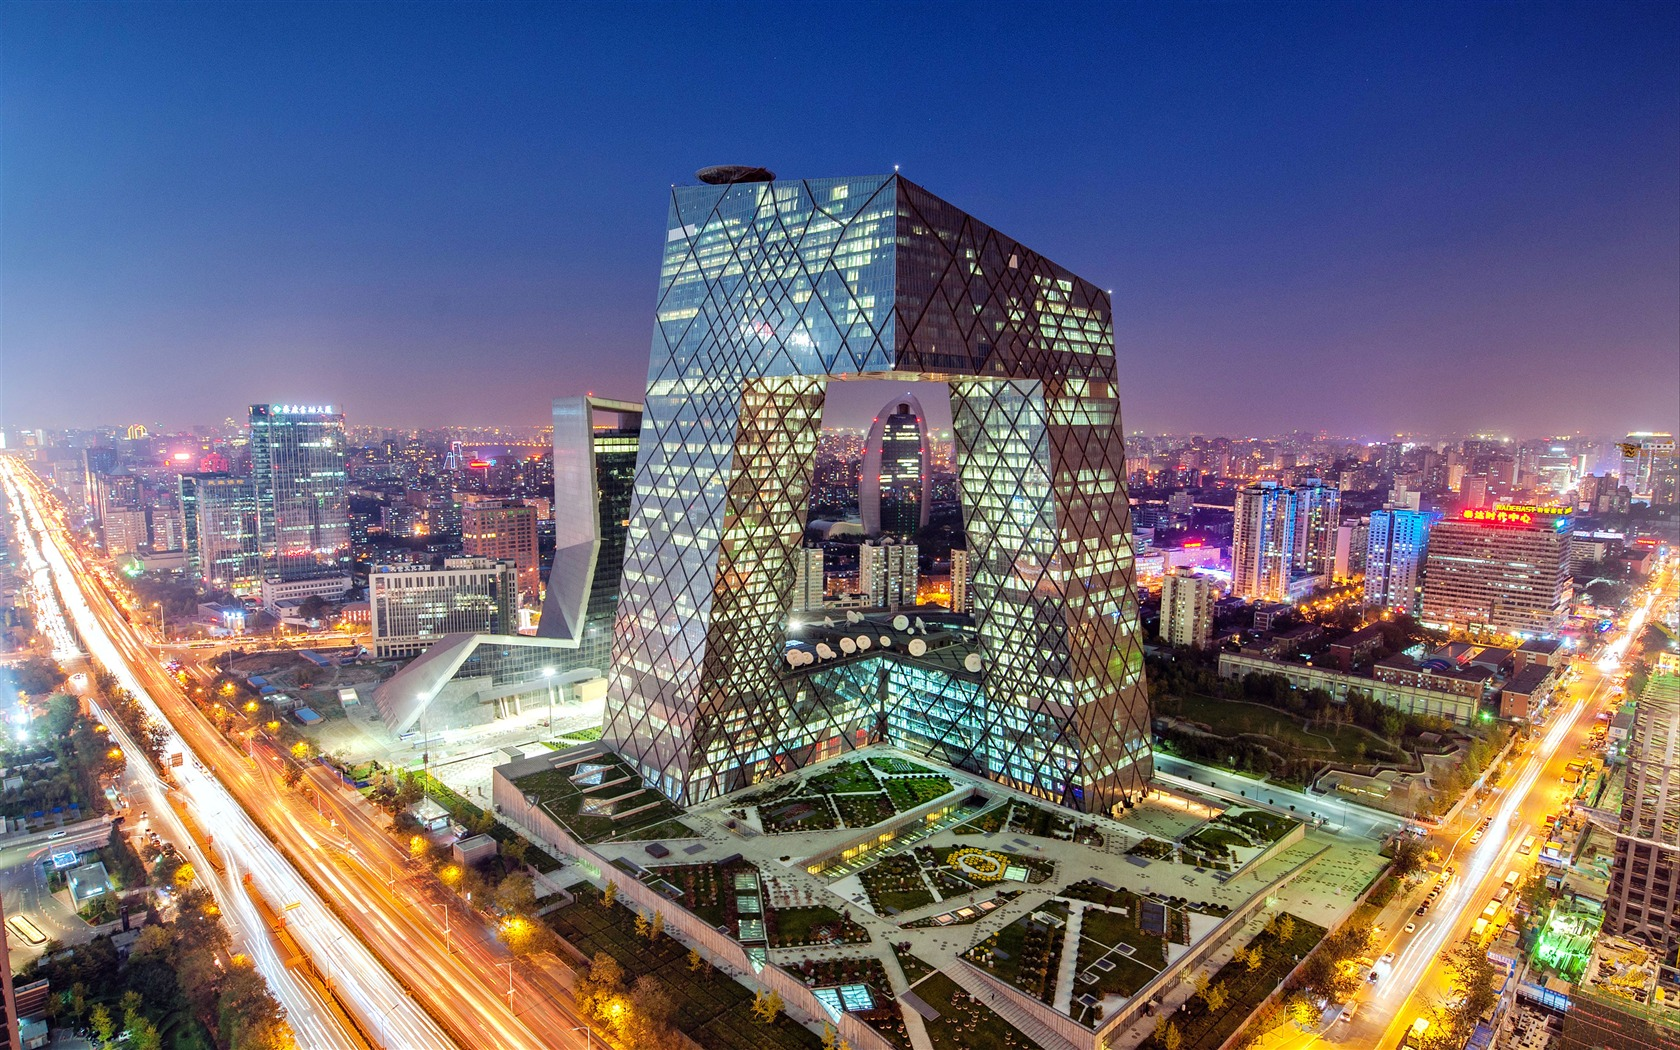 繁华都市_中国,北京,中央电视台,总部大楼,照明预览   10wallpaper.com